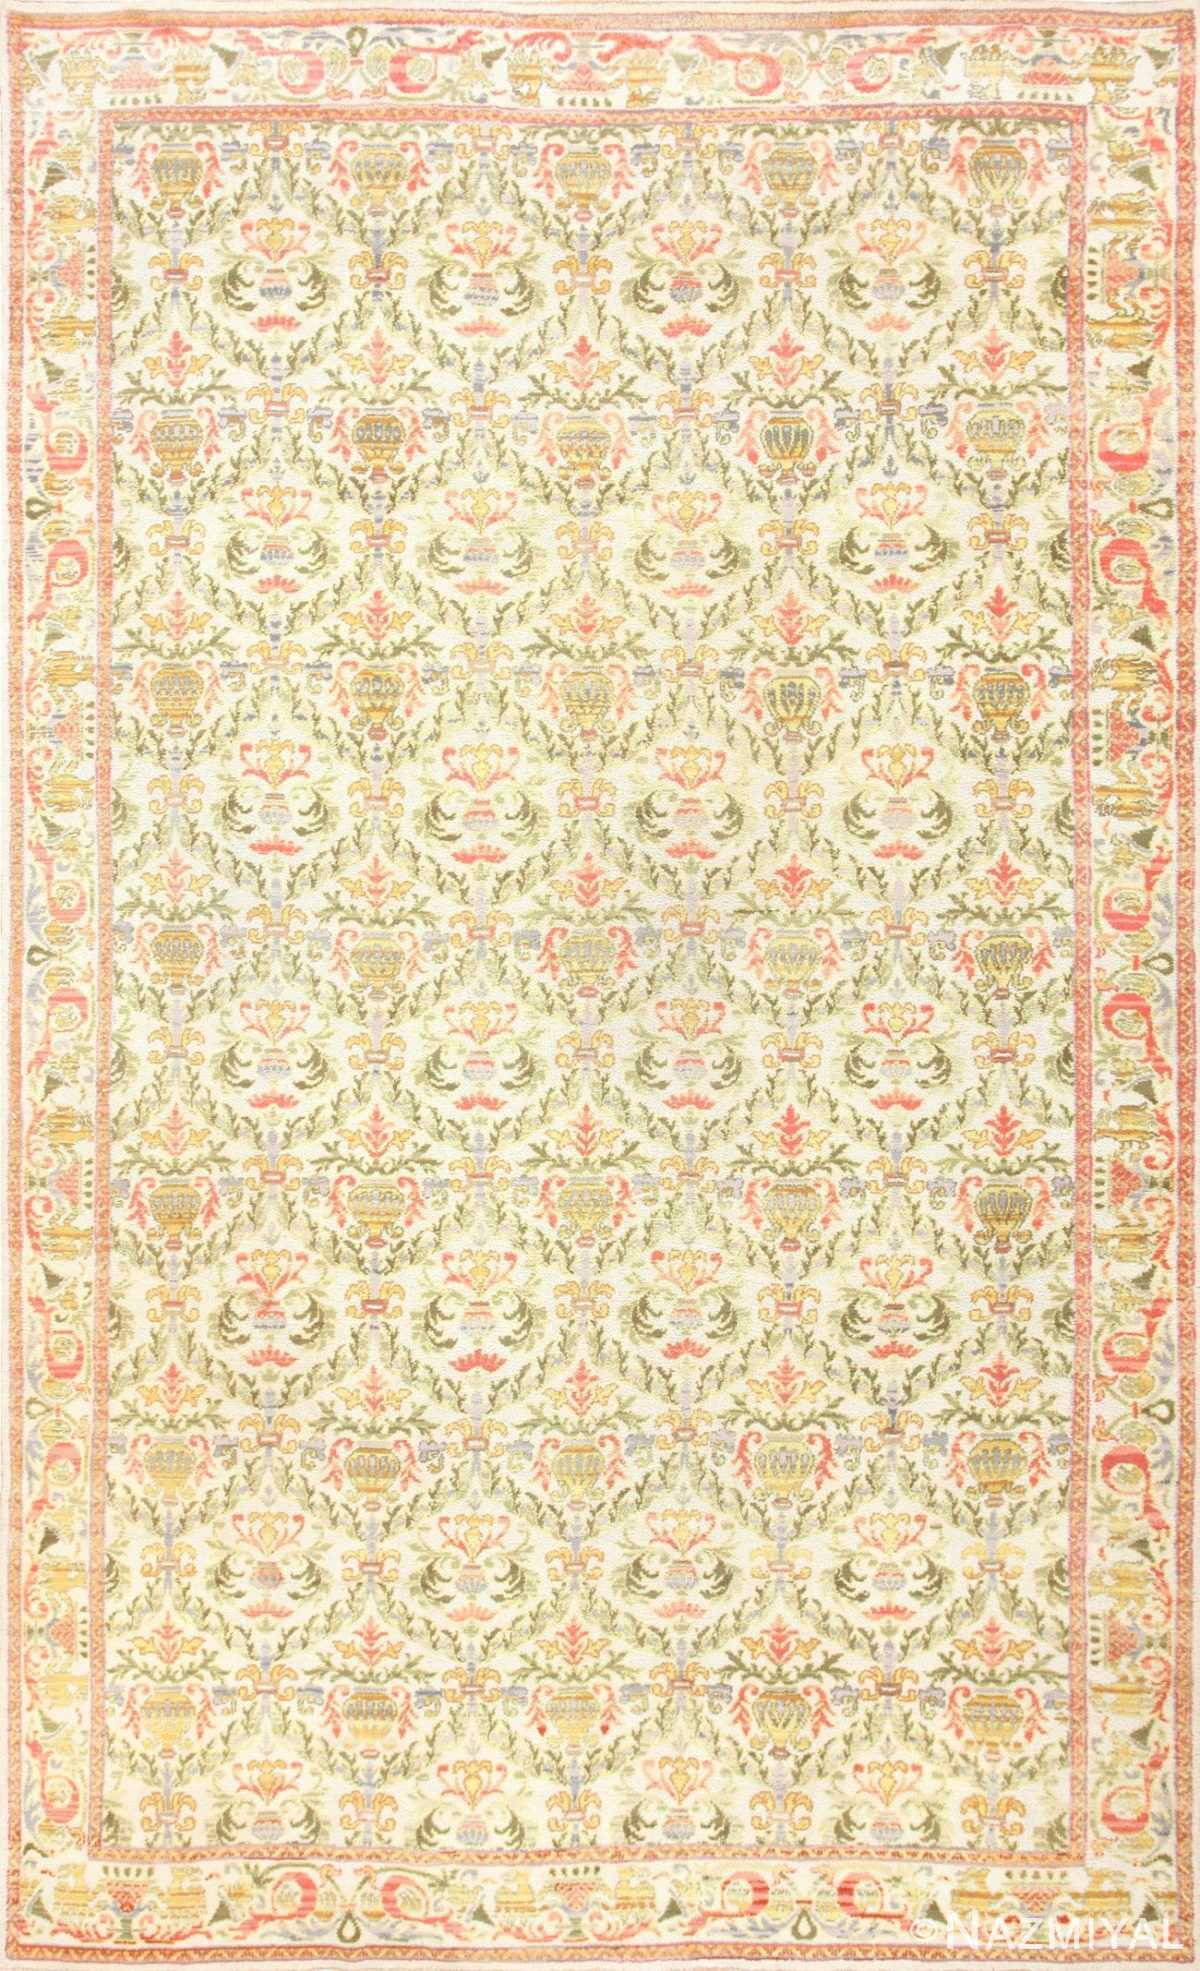 Decorative Large Antique Spanish Rug 50581 Nazmiyal